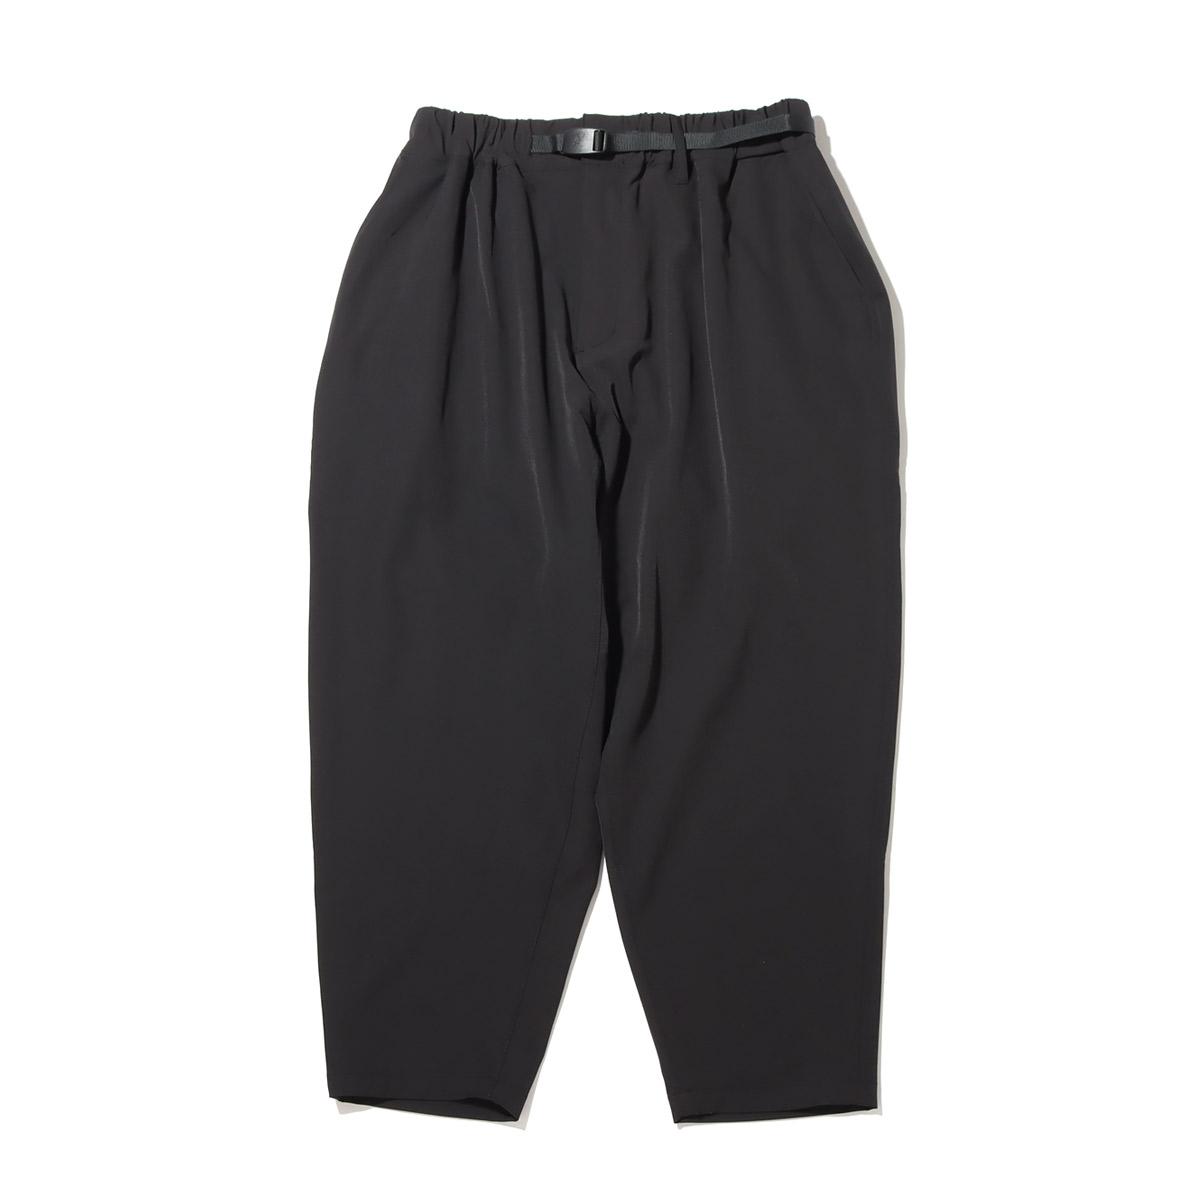 メンズファッション, ズボン・パンツ WHITE MOUNTAINEERING GRAMICCI STRETCHED SAROUEL PANTS( )BLACK 21FA-I